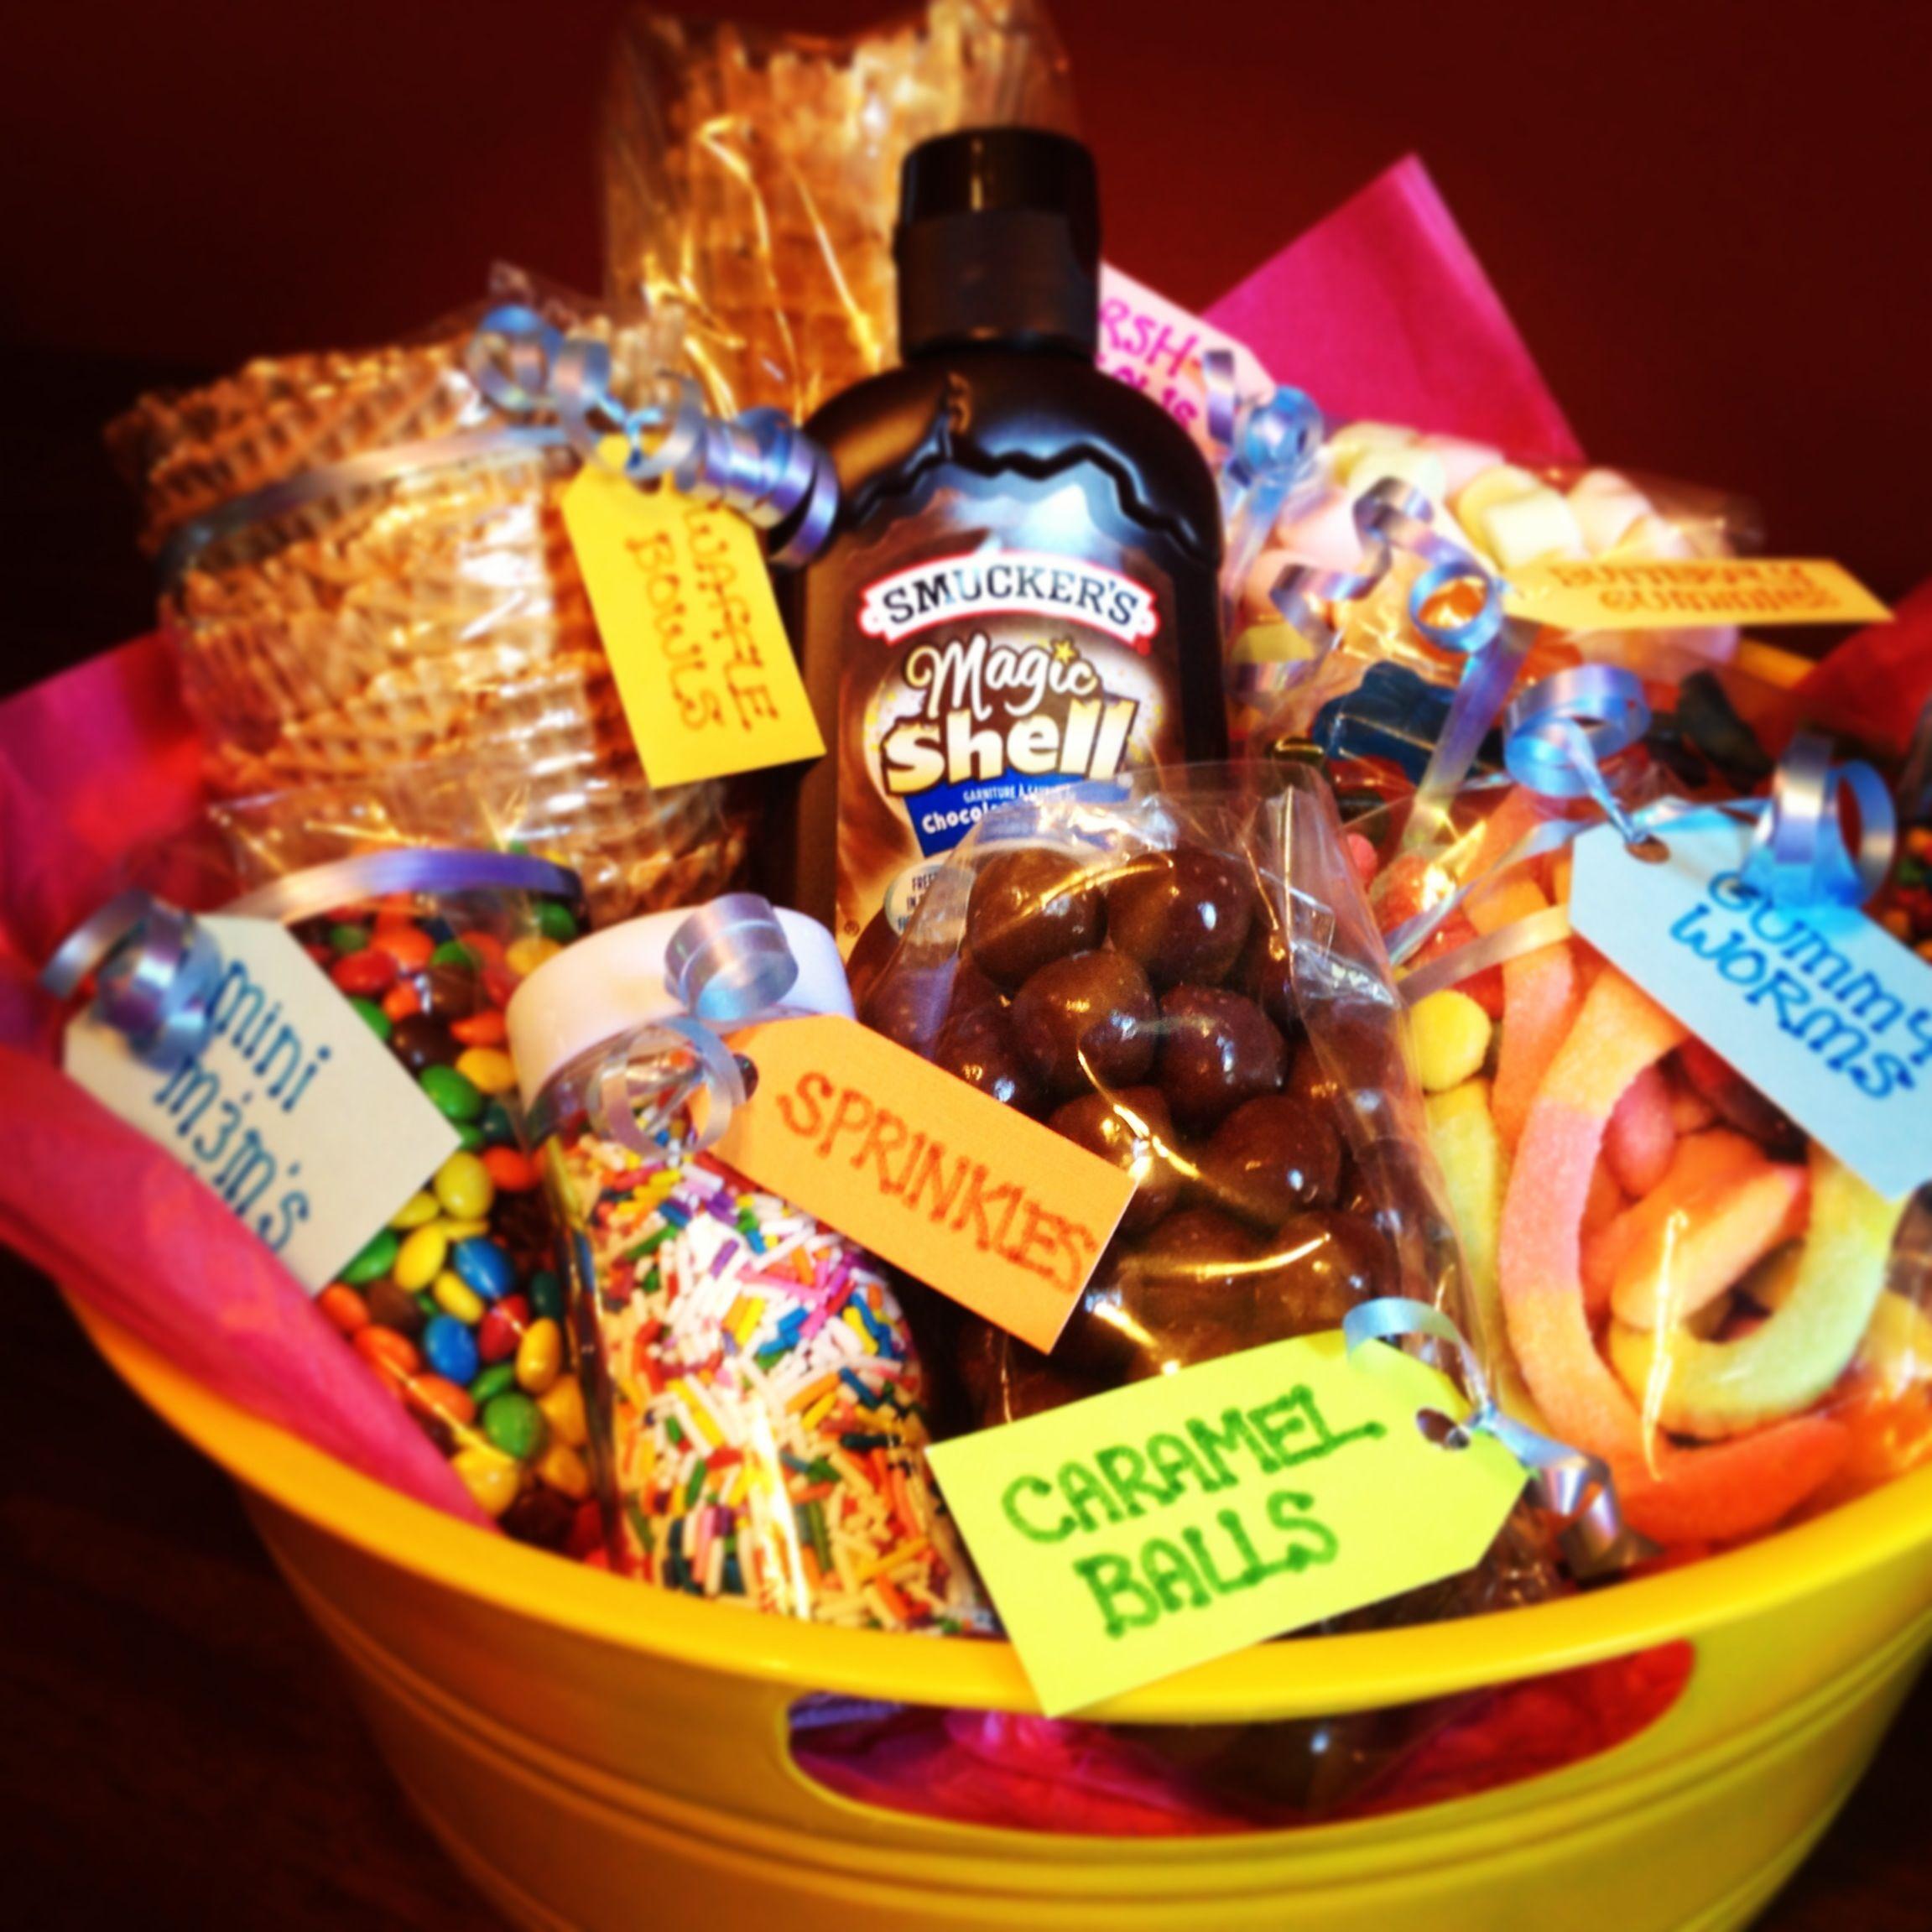 Diy Make Your Own Ice Cream Sundae Kit Summer Gift Baskets